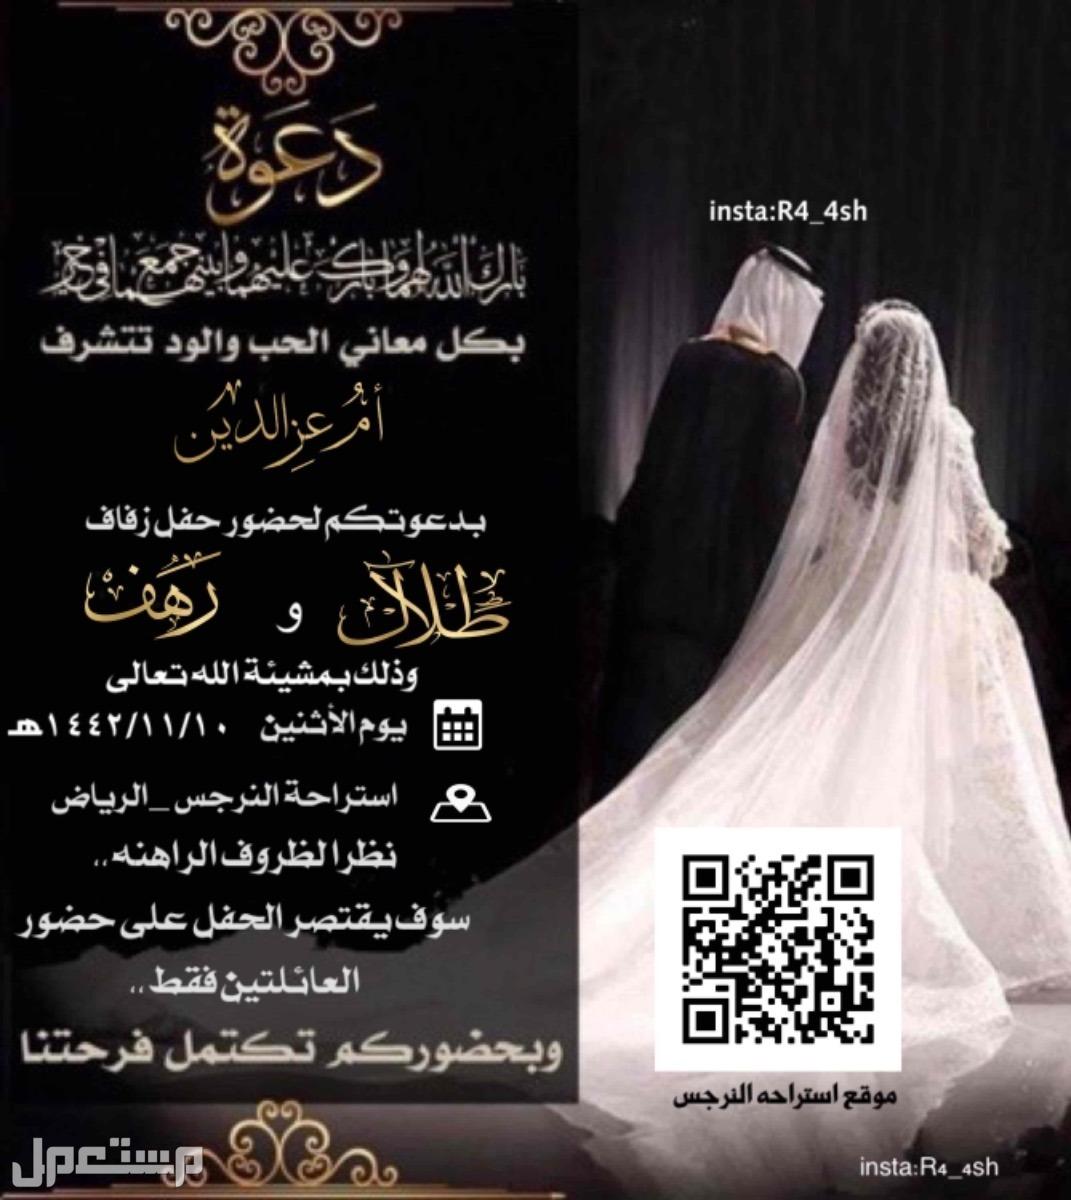 تصميم دعوة زواج الكترونيه وبشارة مواليد (صور و فديو) بـ باركود الموقع